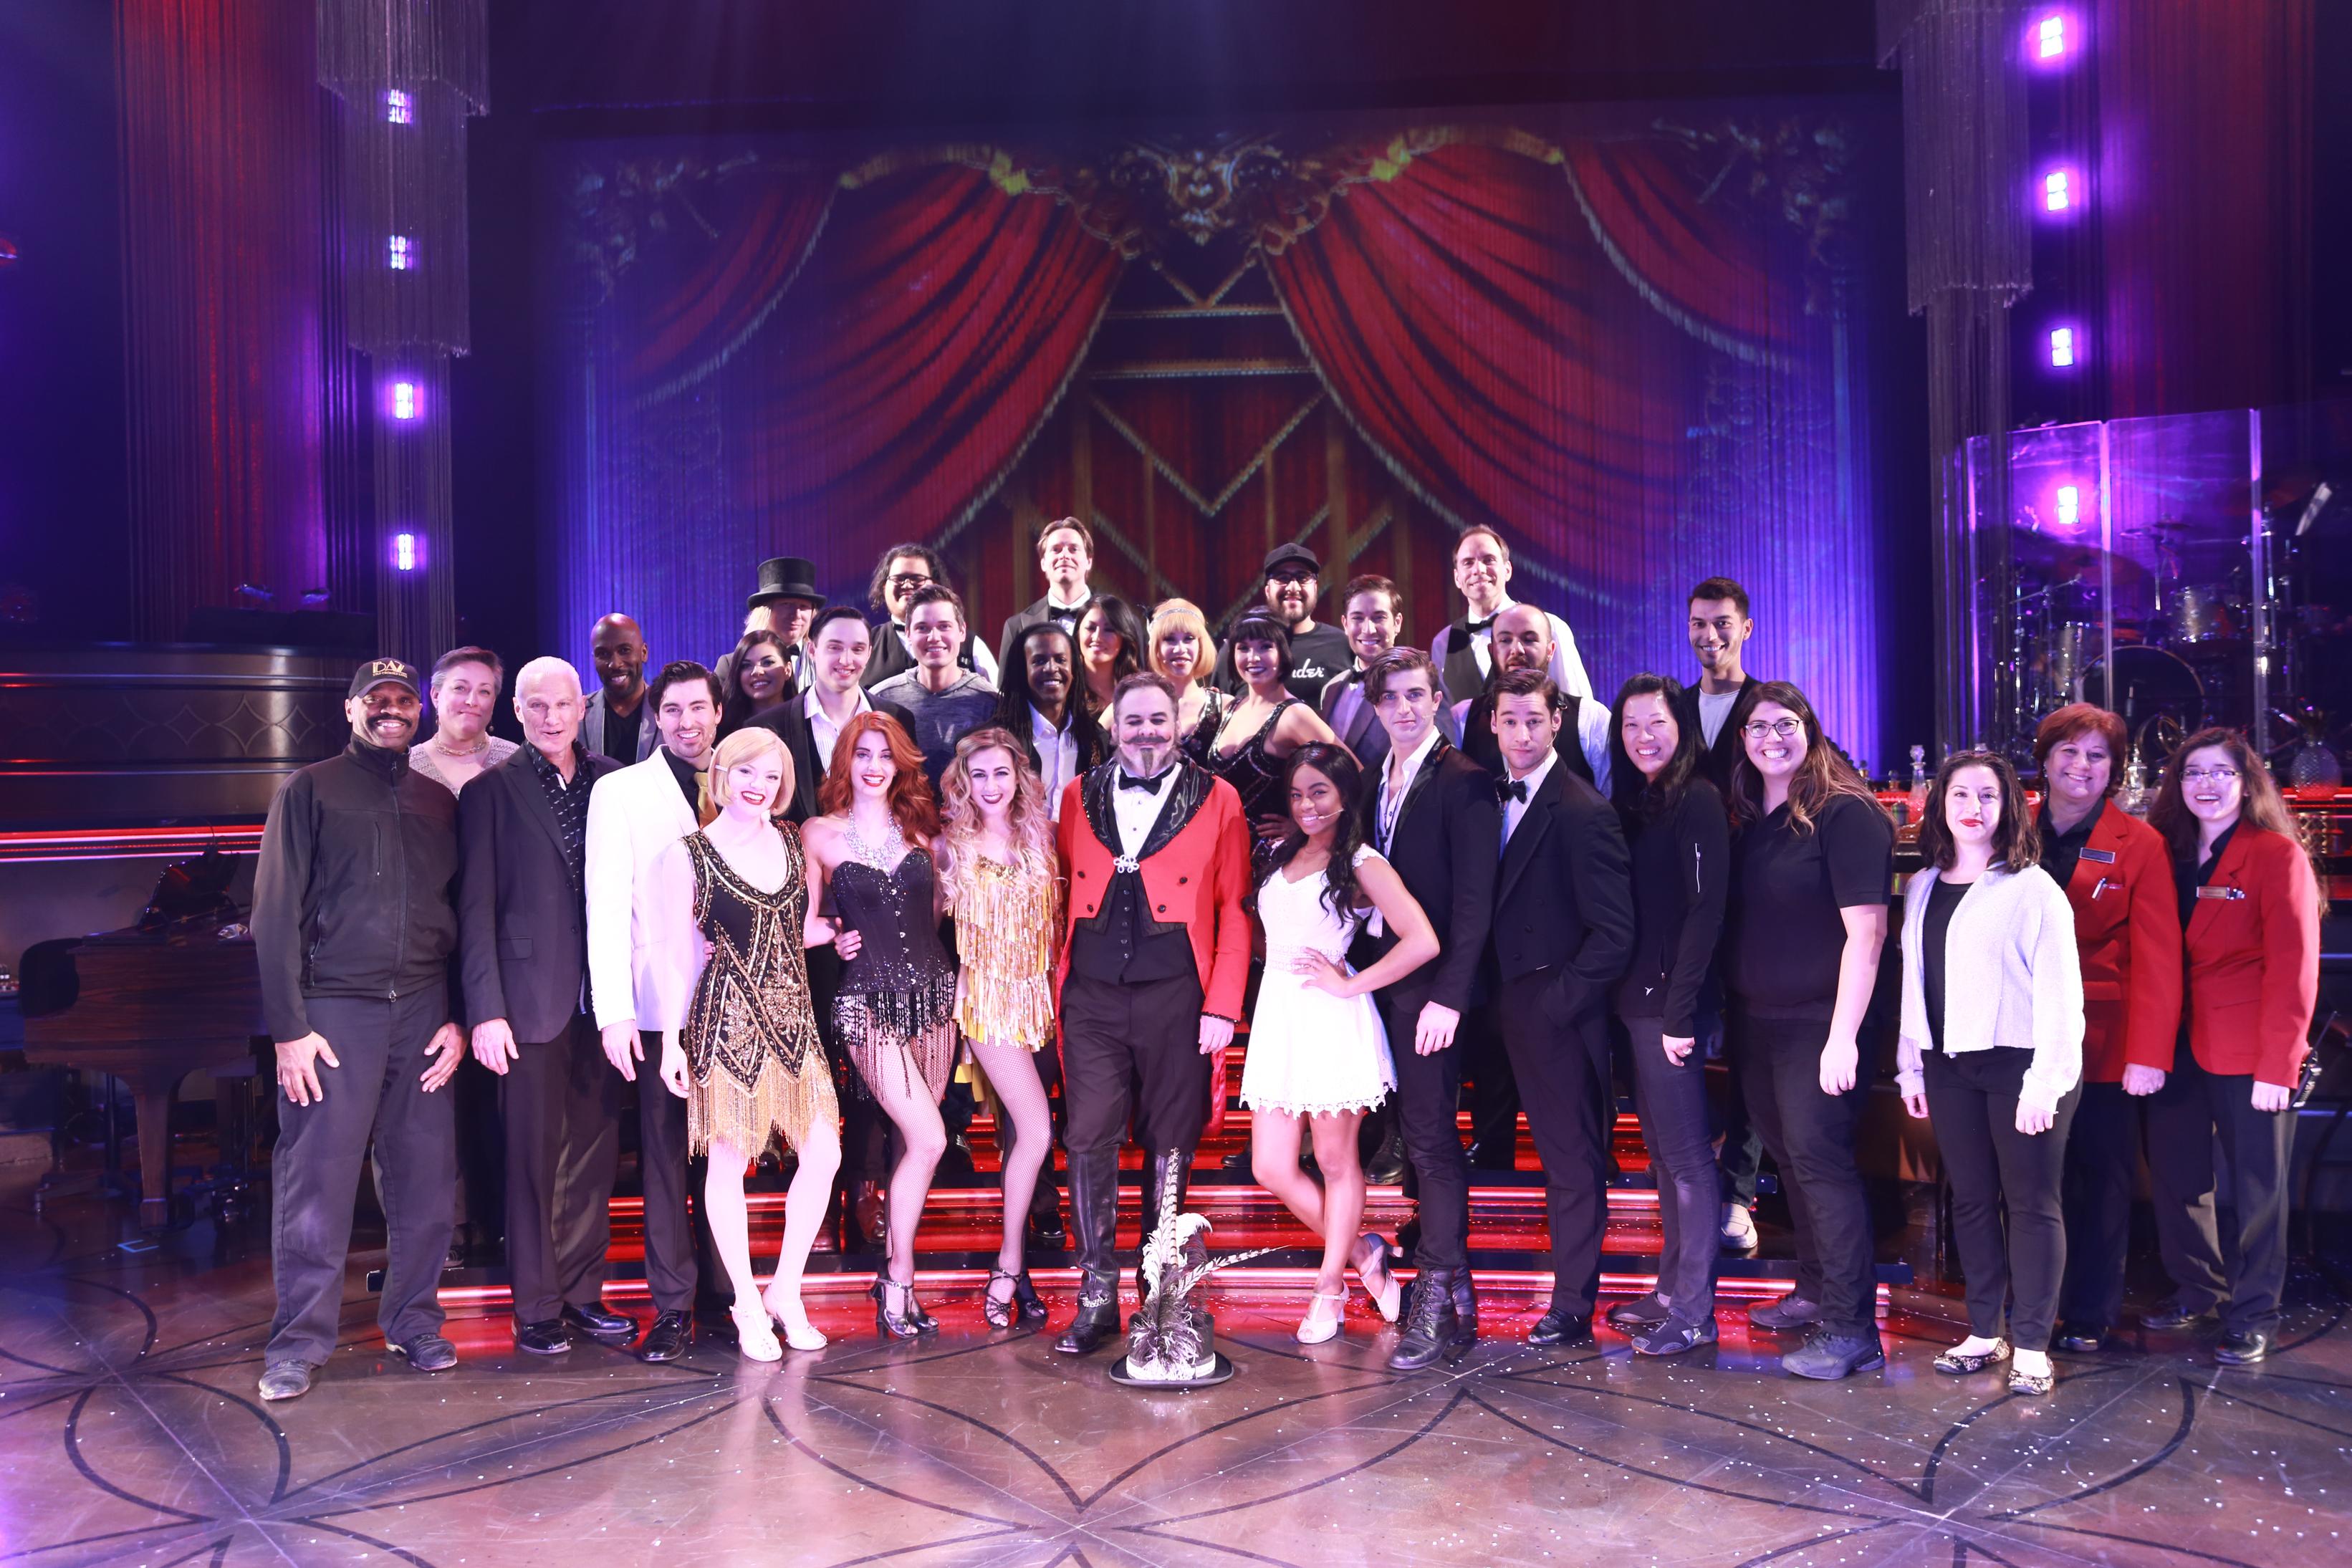 Baz' makes its mark at Palazzo Theatre - Las Vegas Weekly